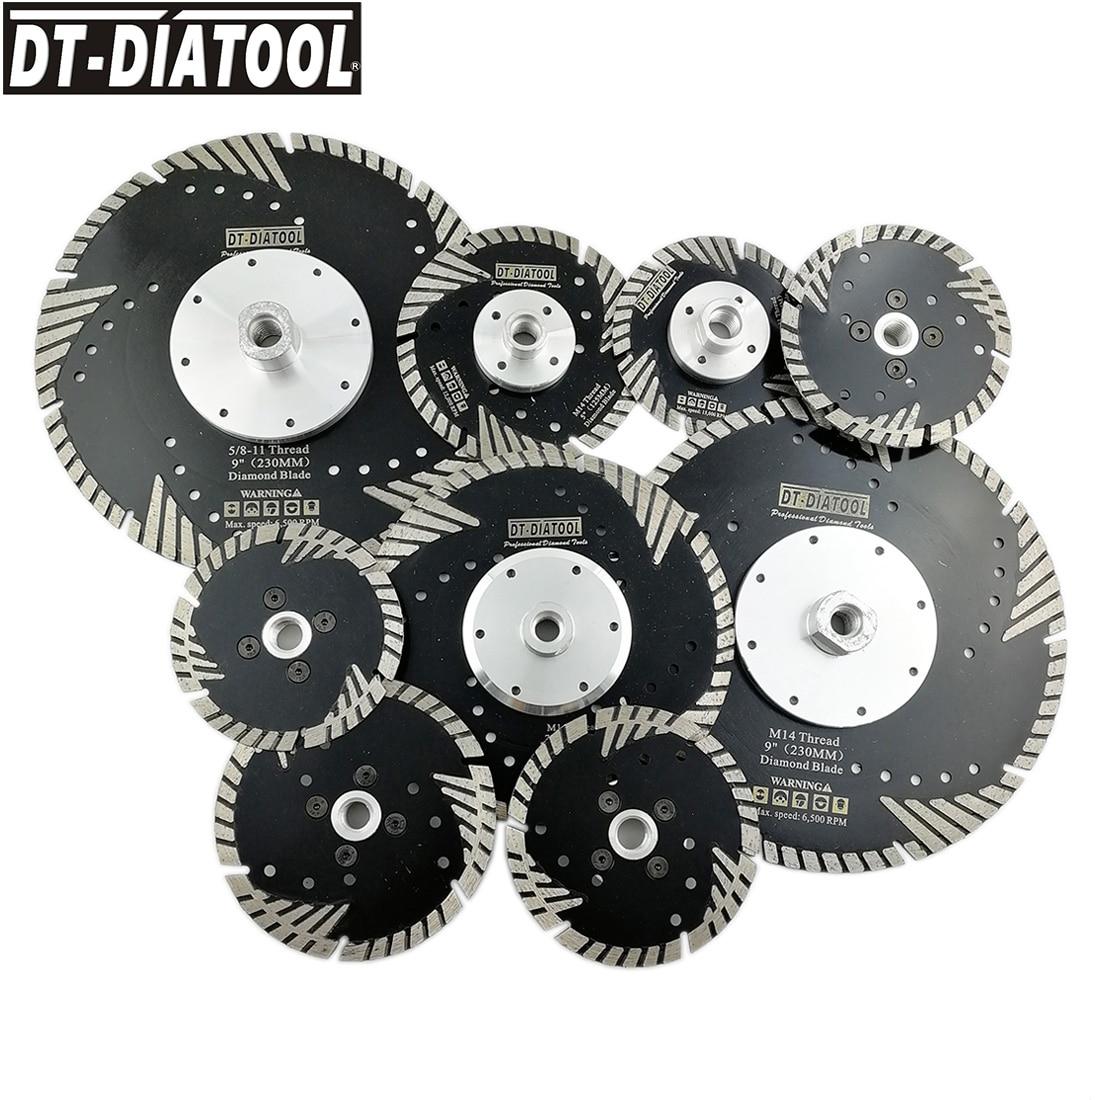 DT-DIATOOL 2pcs Diameter 4